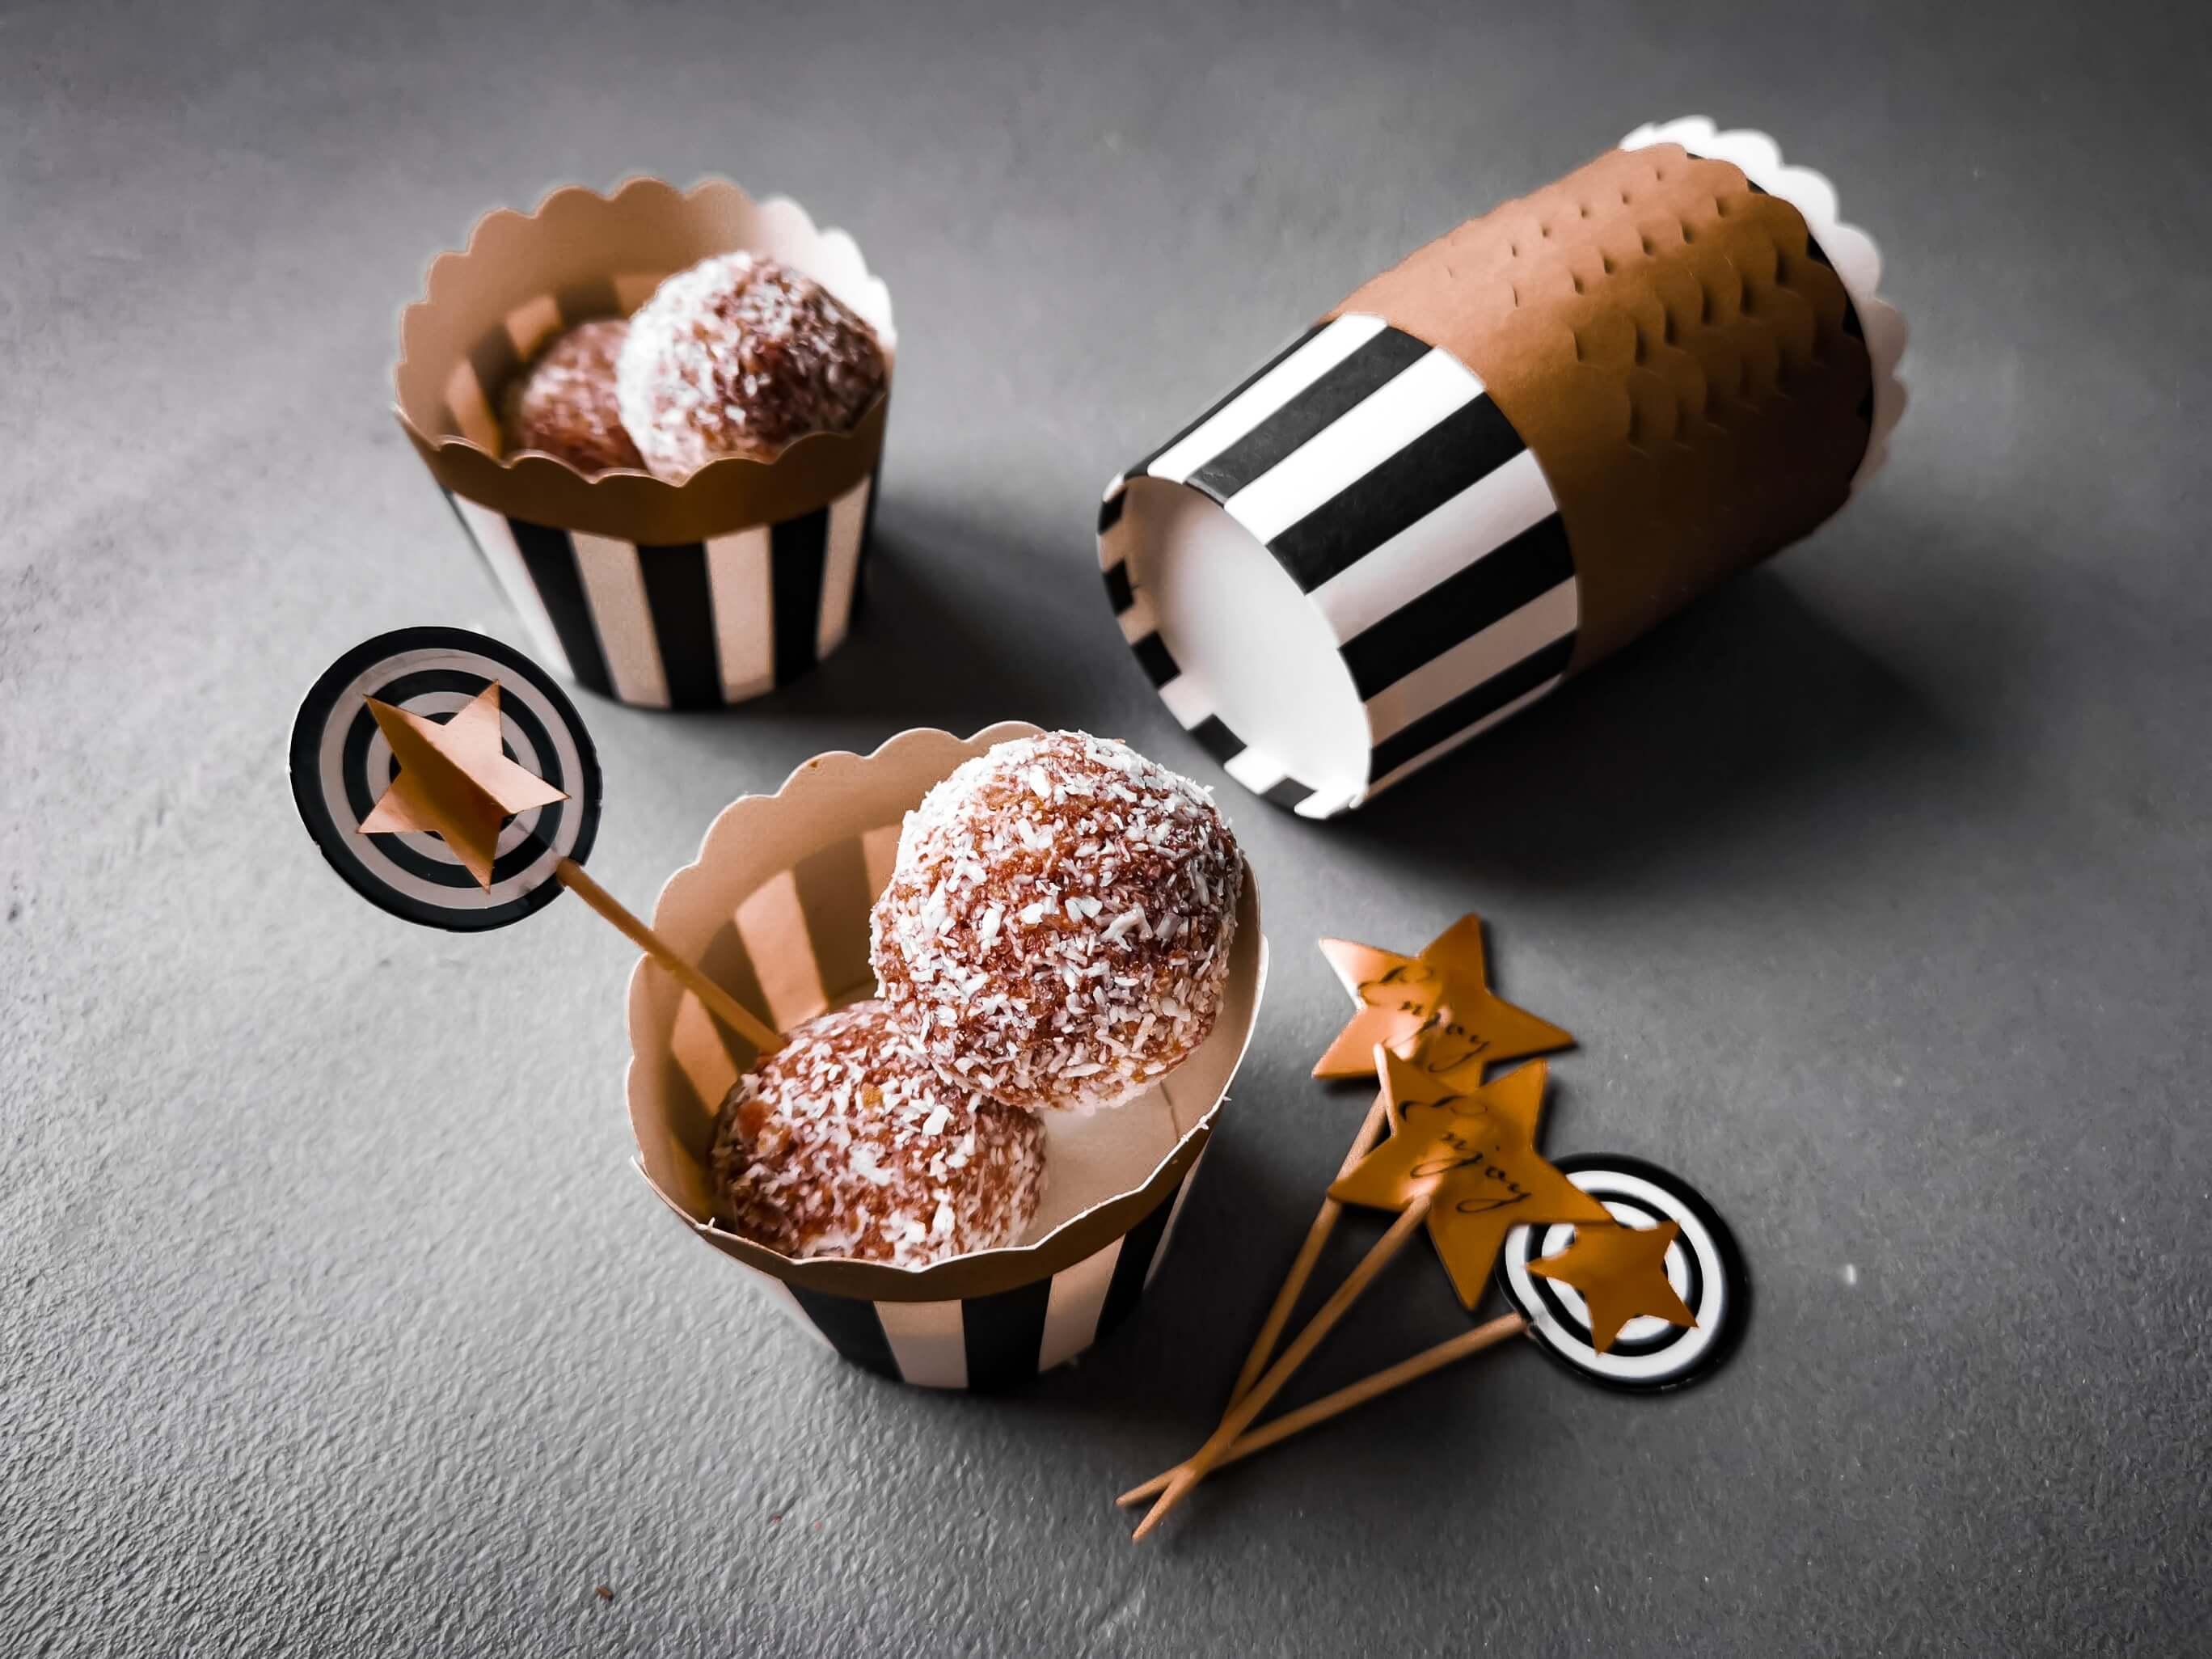 IMG 20191117 133314 resized 20191117 061526933 - Darčeky z kuchyne - darujte chuť Vianoc!